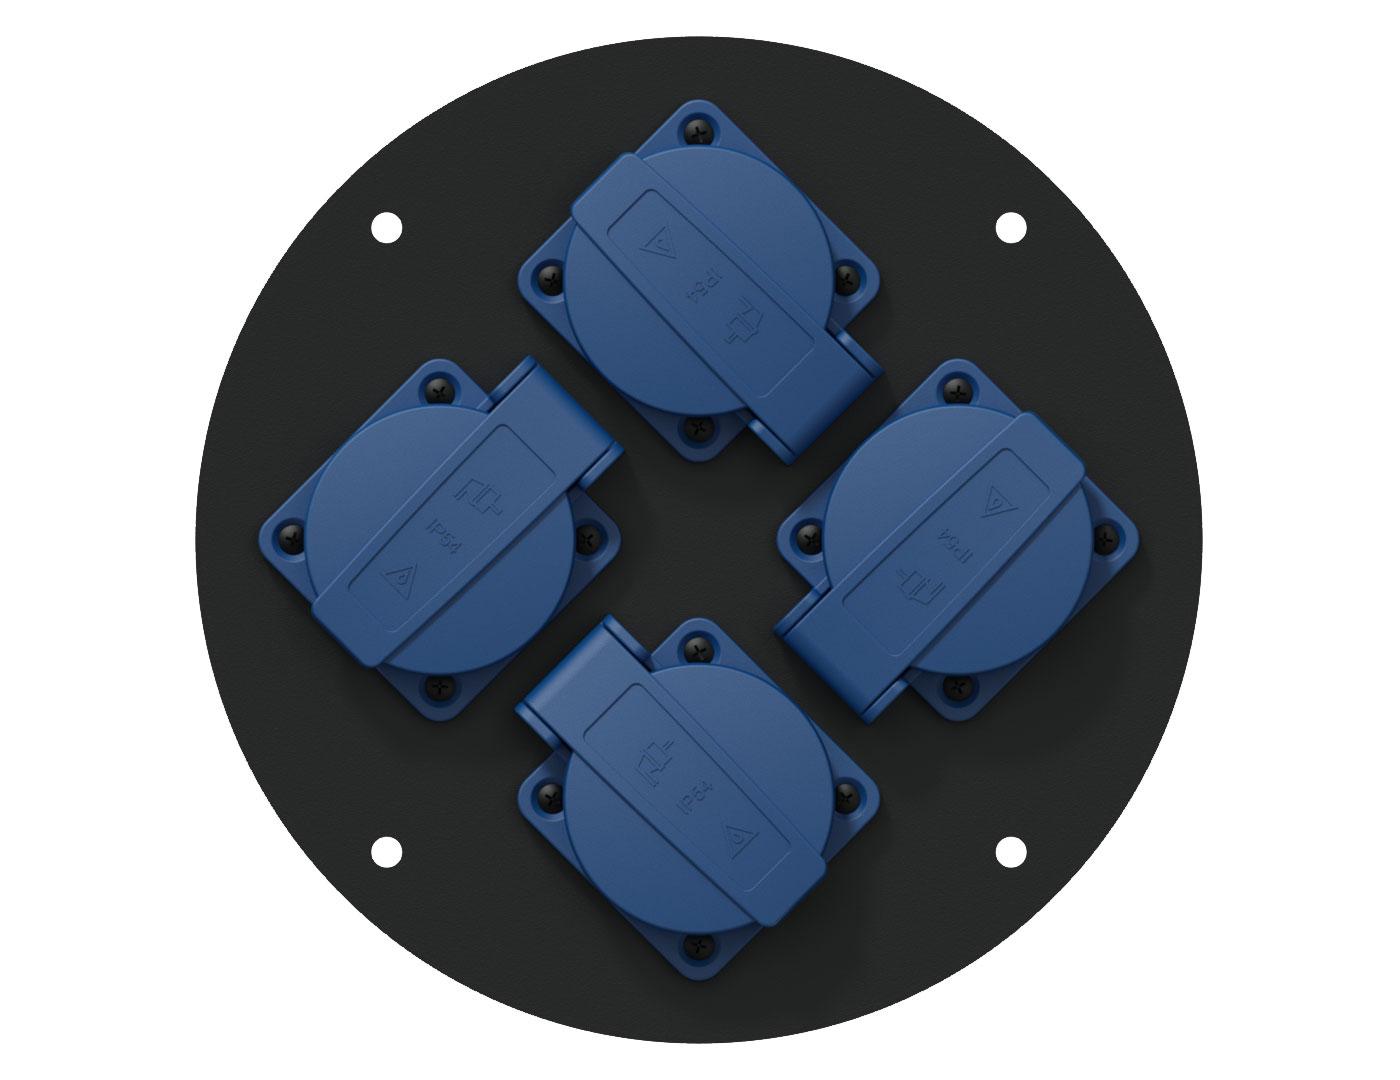 Afbeelding van Procab CRP 244G blindplaat met 4 shuko connectoren voor Procab CDM-310